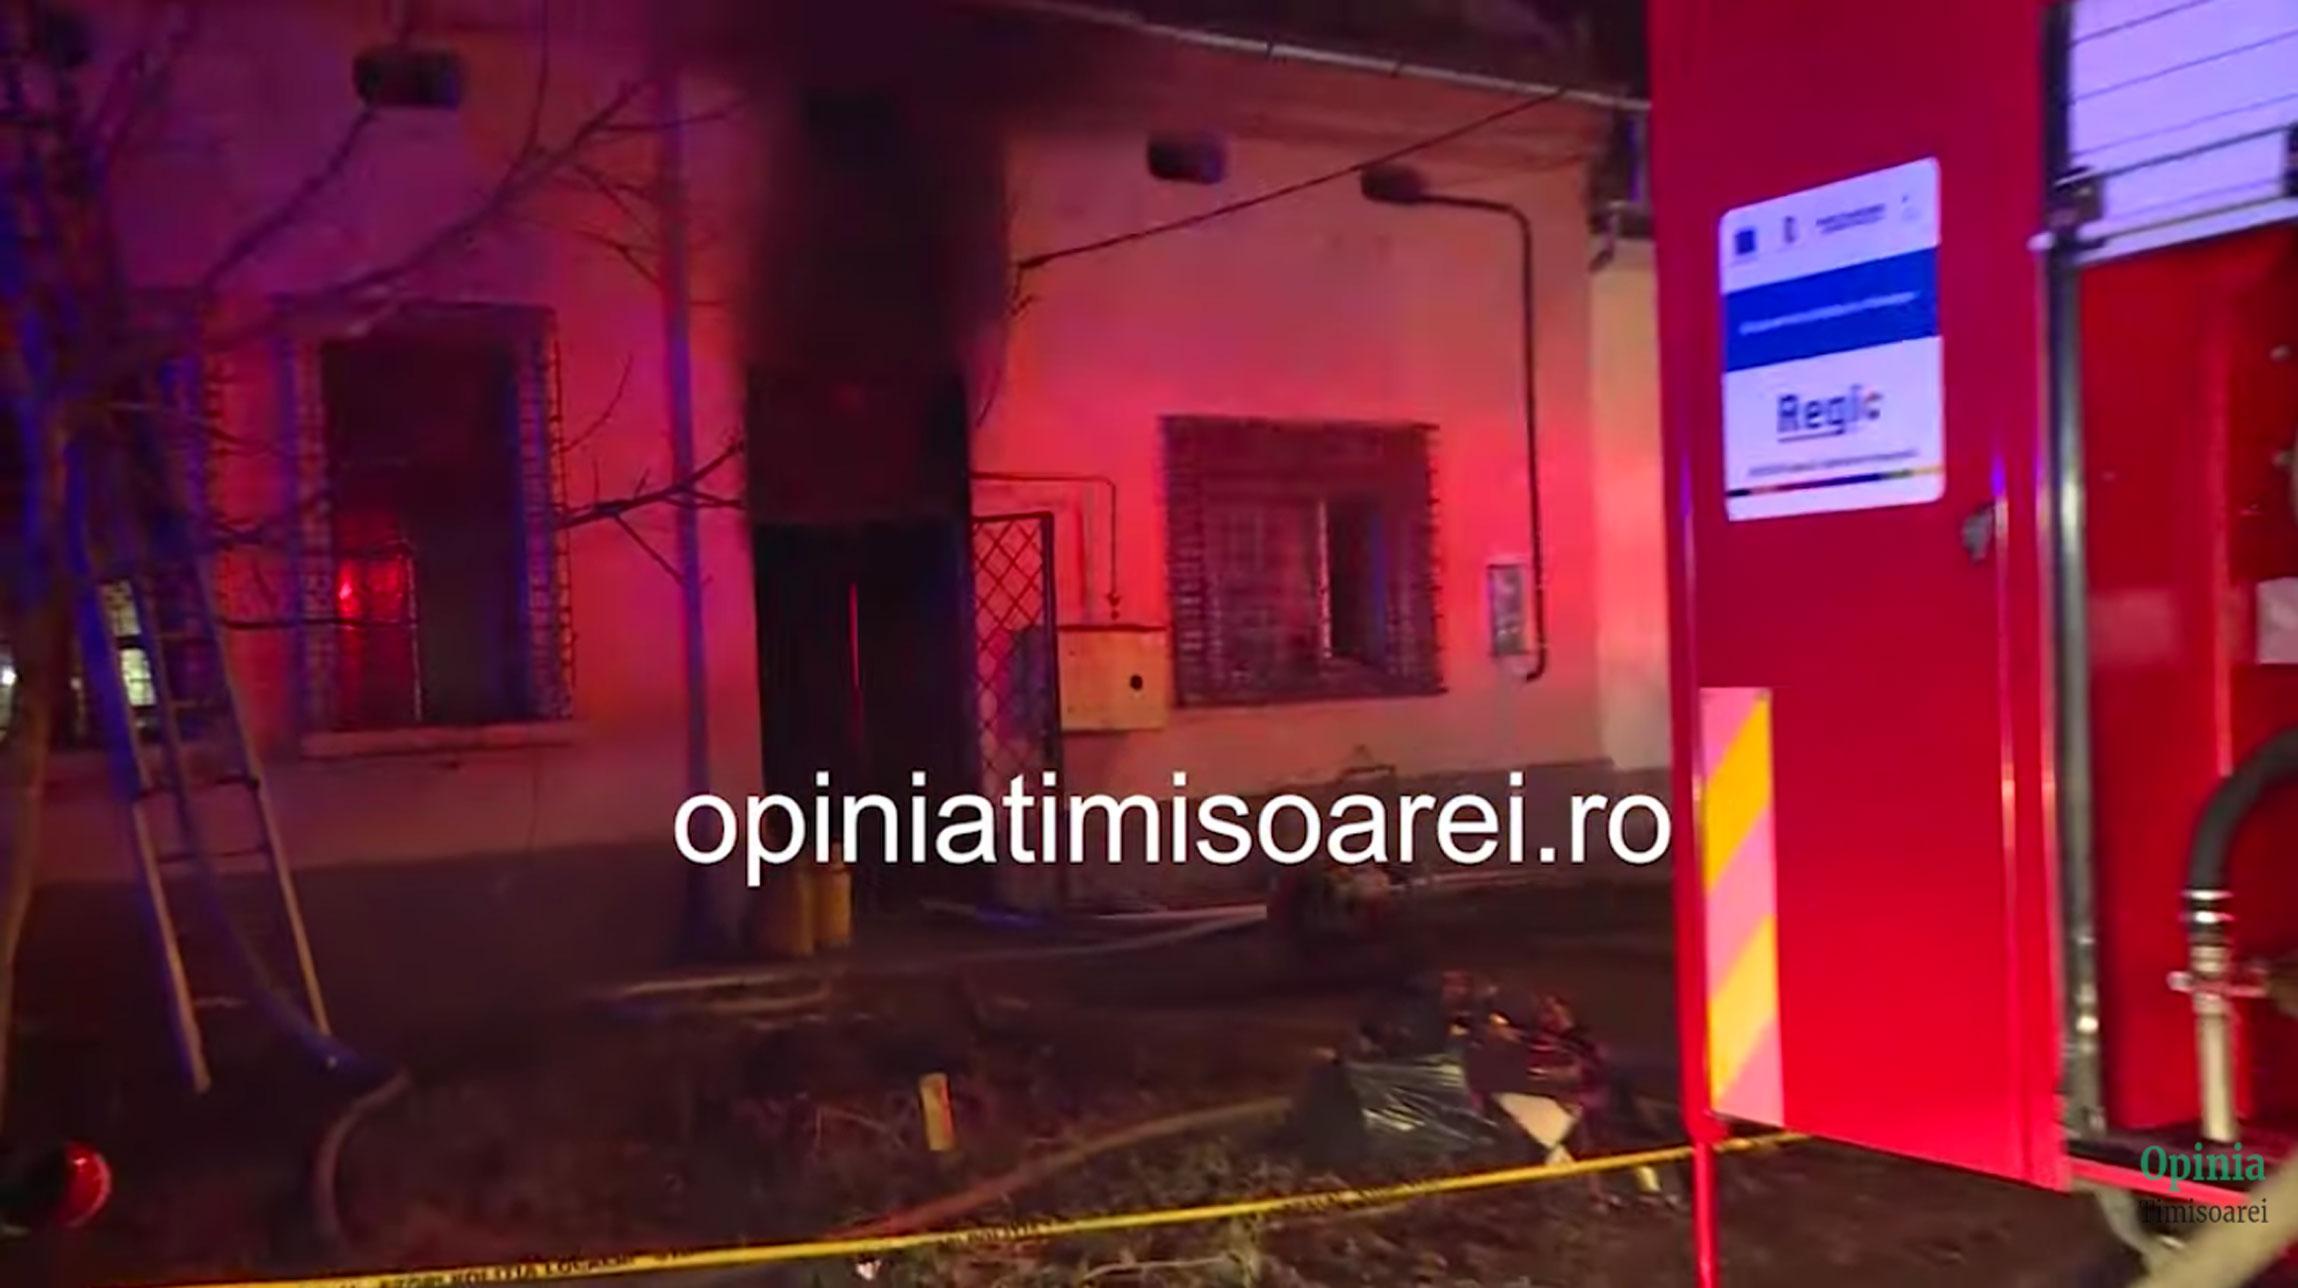 Θρήνος στη Ρουμανία: Κάηκαν σε φωτιά τέσσερα παιδάκια – Τα είχαν αφήνει μόνα οι γονείς τους